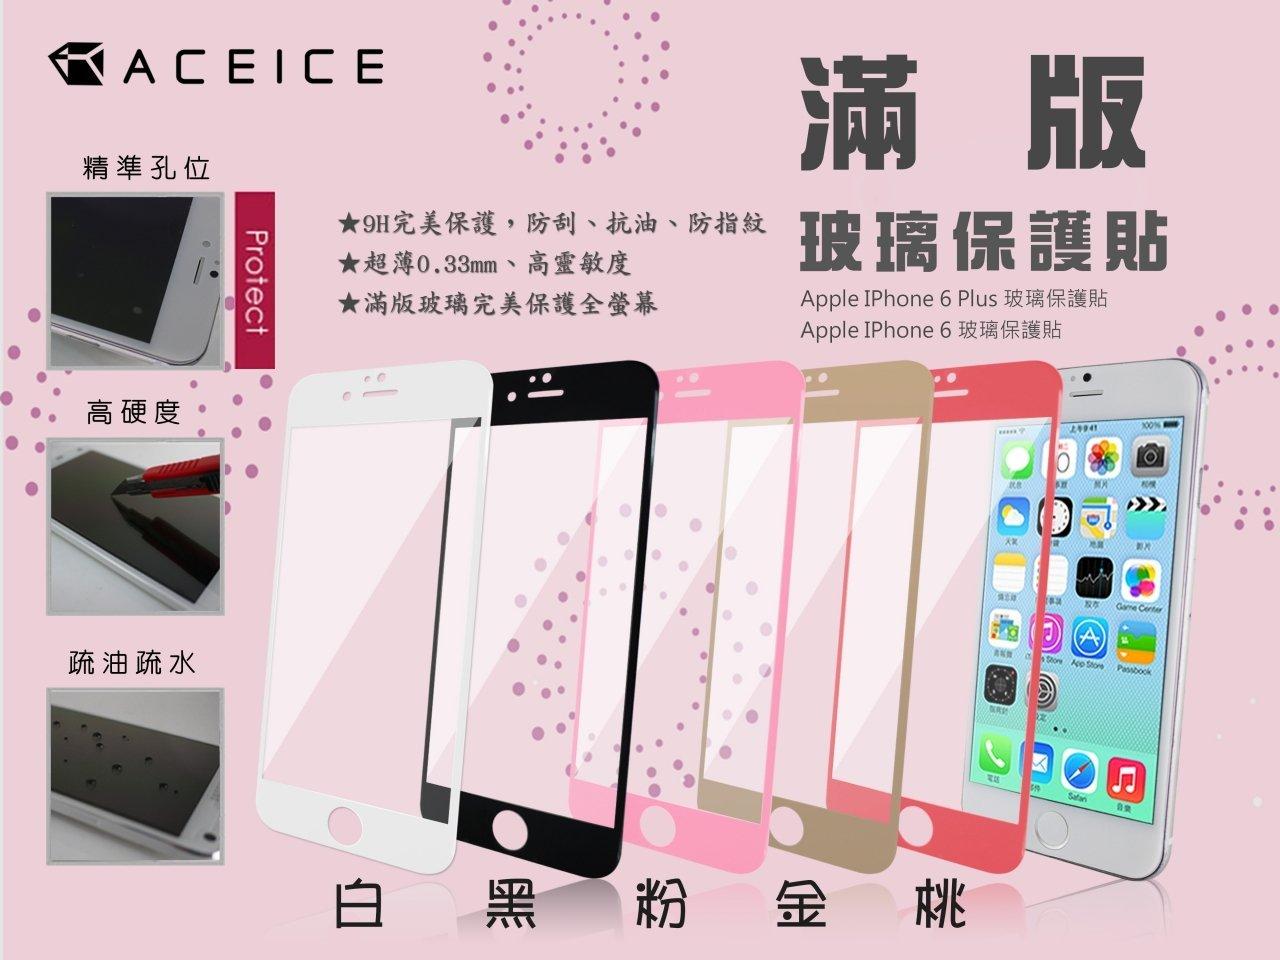 Apple蘋果疏油防爆硬度9H金剛鋼化膜0.33公分滿版玻璃螢幕保護貼黑色白色-iphone 6 plus